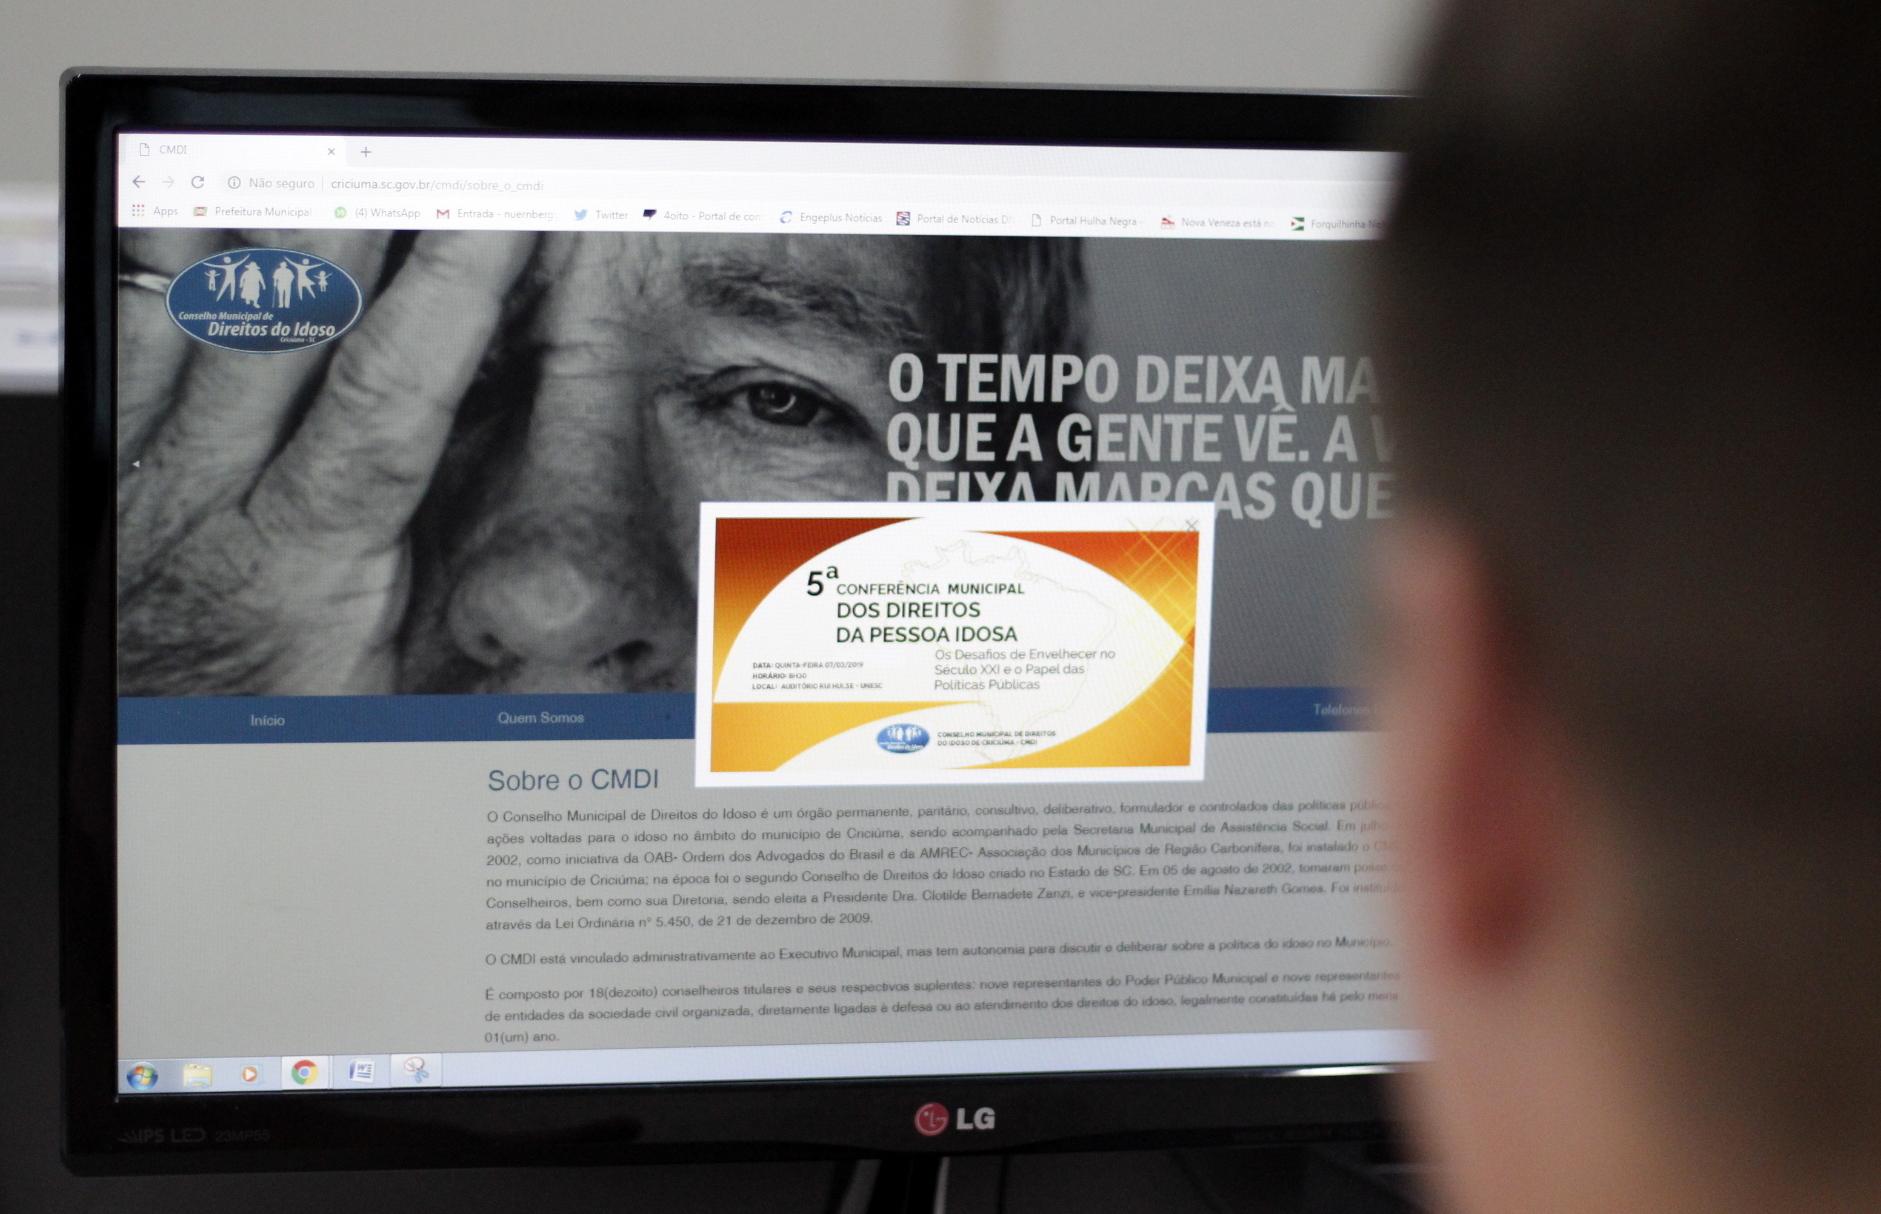 Inscrições abertas para 5ª Conferência Municipal dos Direitos da Pessoa Idosa